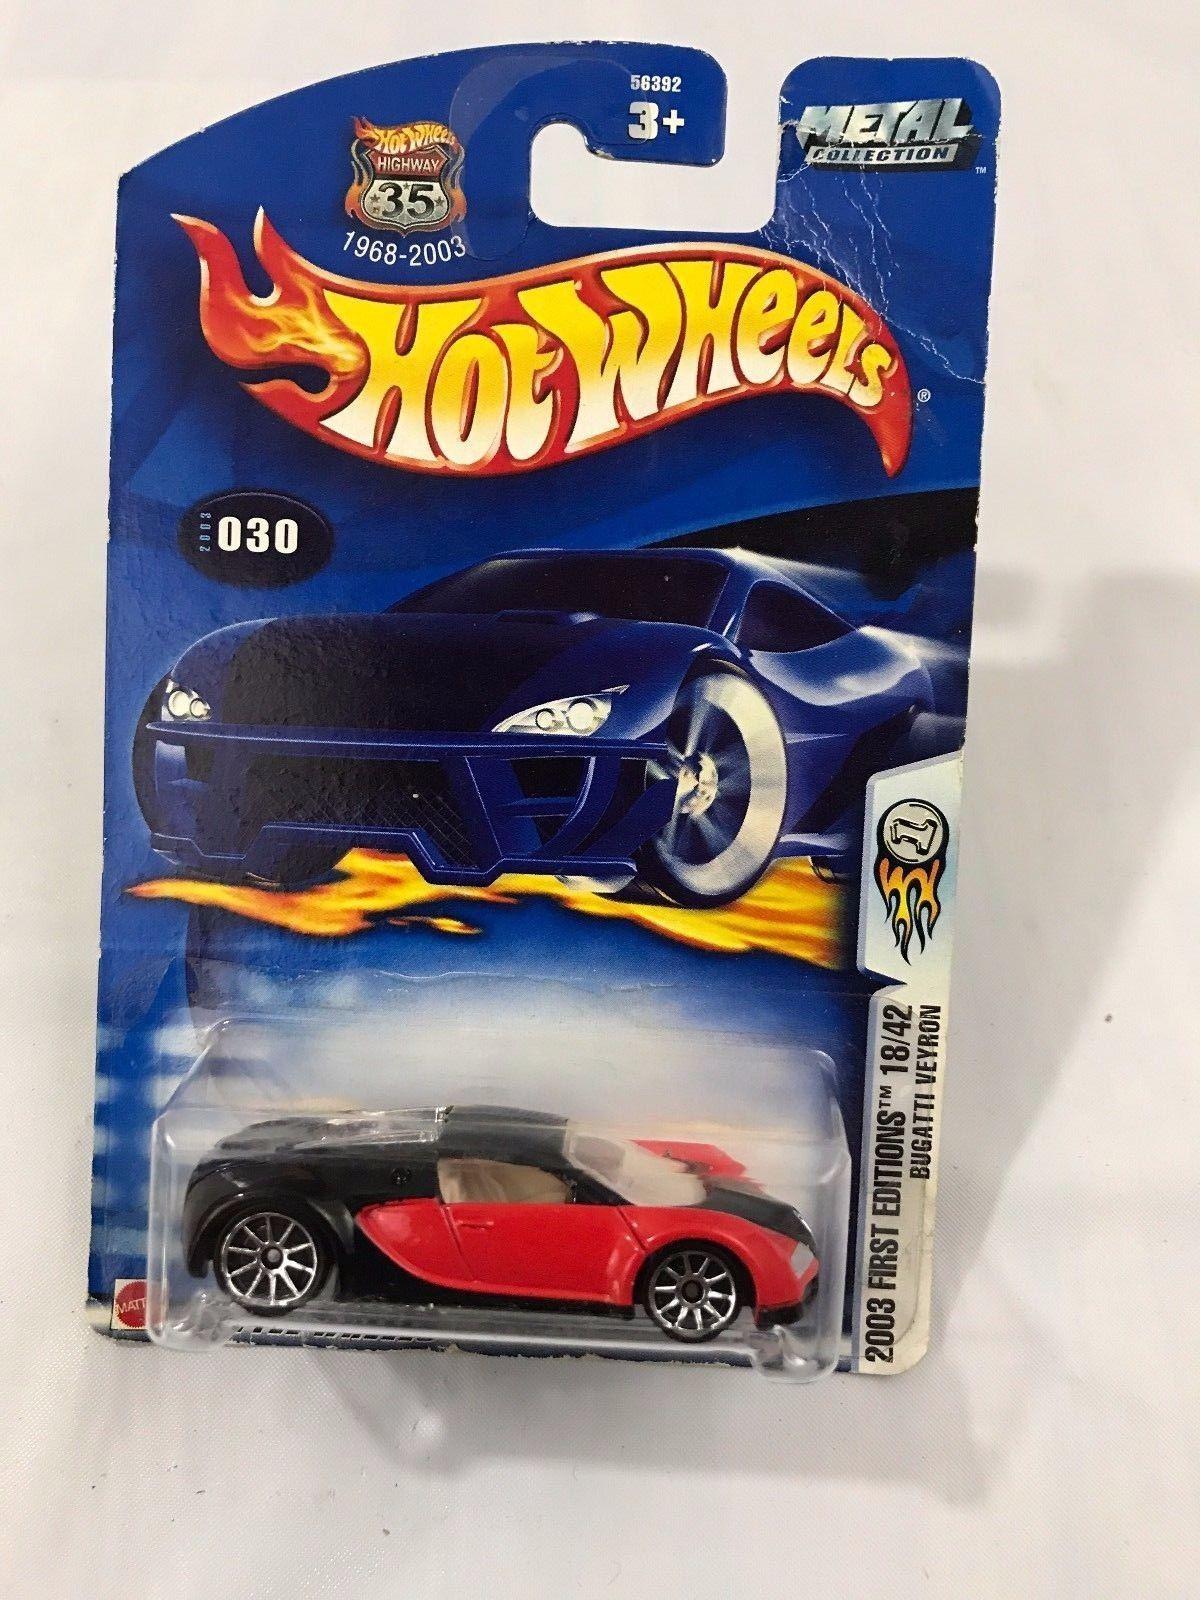 4a3f6443b0491c467551bcd362f6a82e Elegant Bugatti Veyron toy Car Hot Wheels Cars Trend